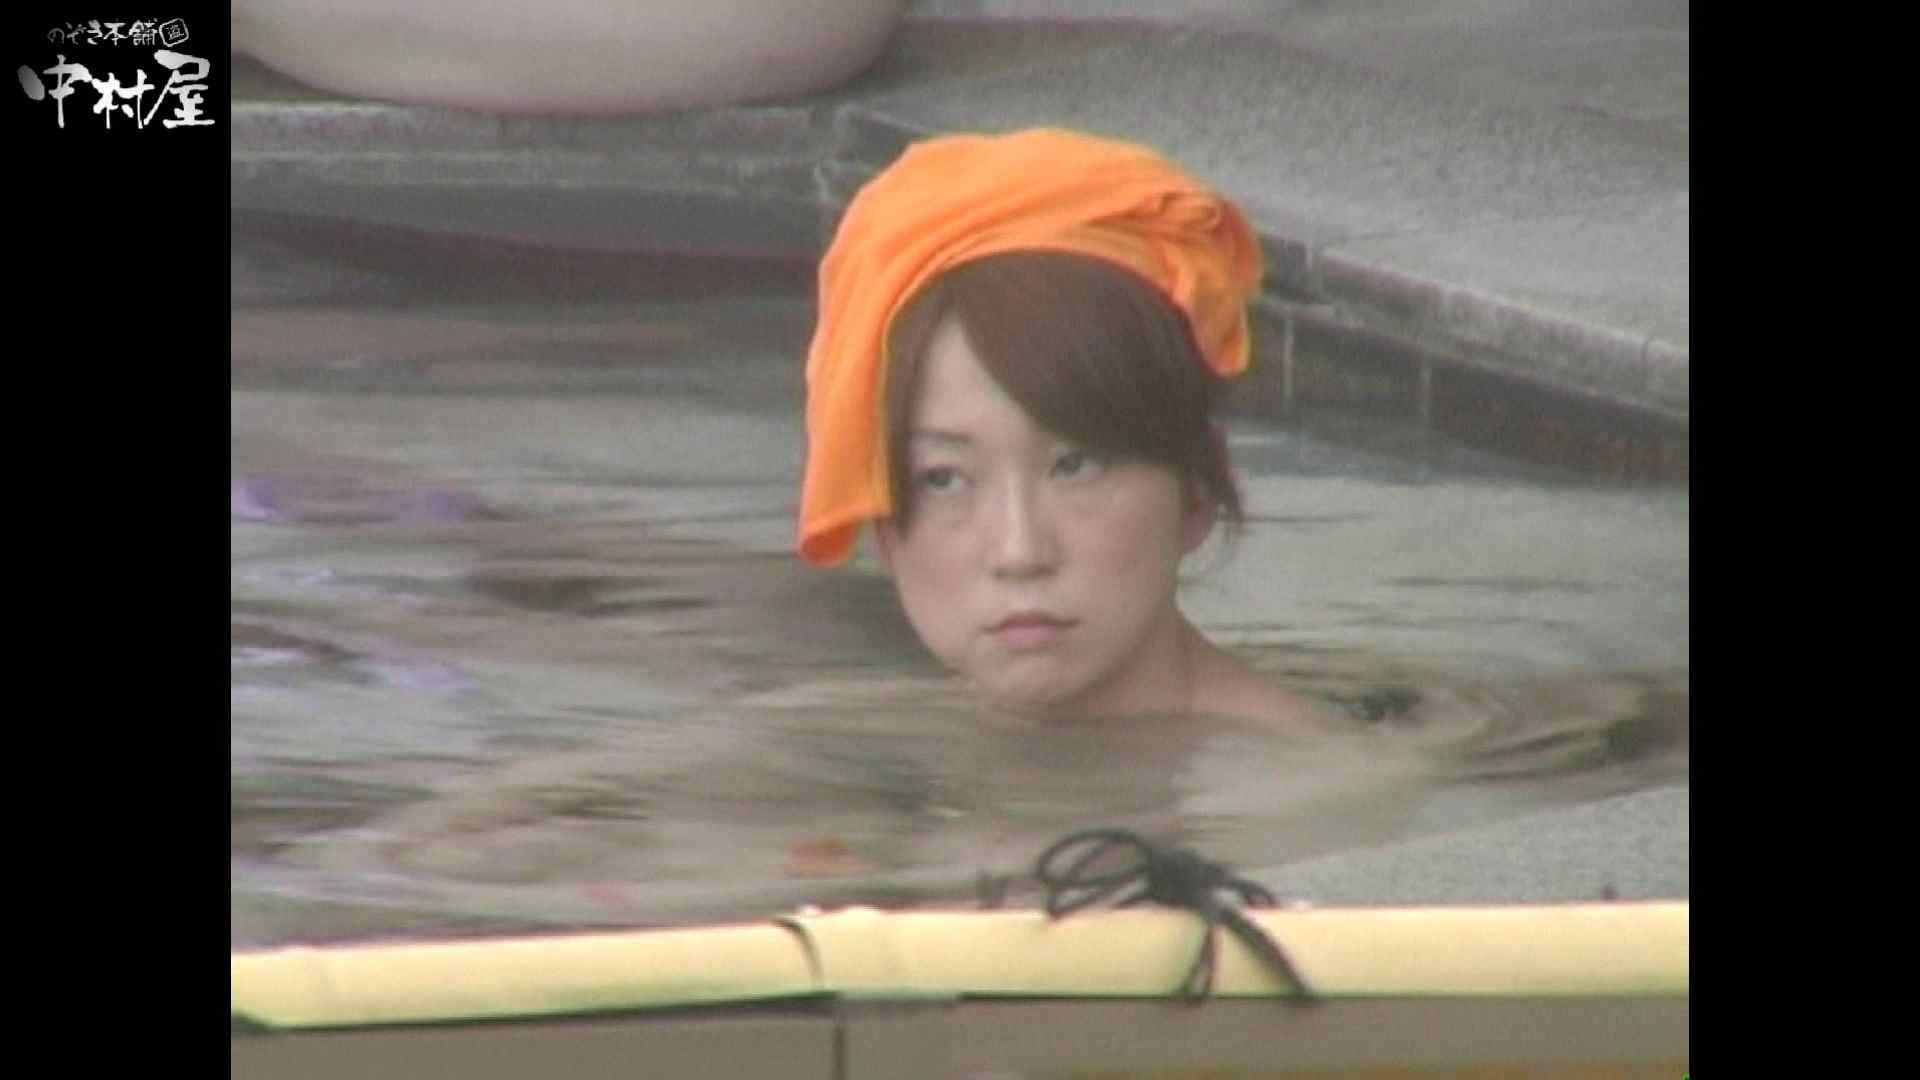 Aquaな露天風呂Vol.941 美しいOLの裸体 アダルト動画キャプチャ 76pic 23